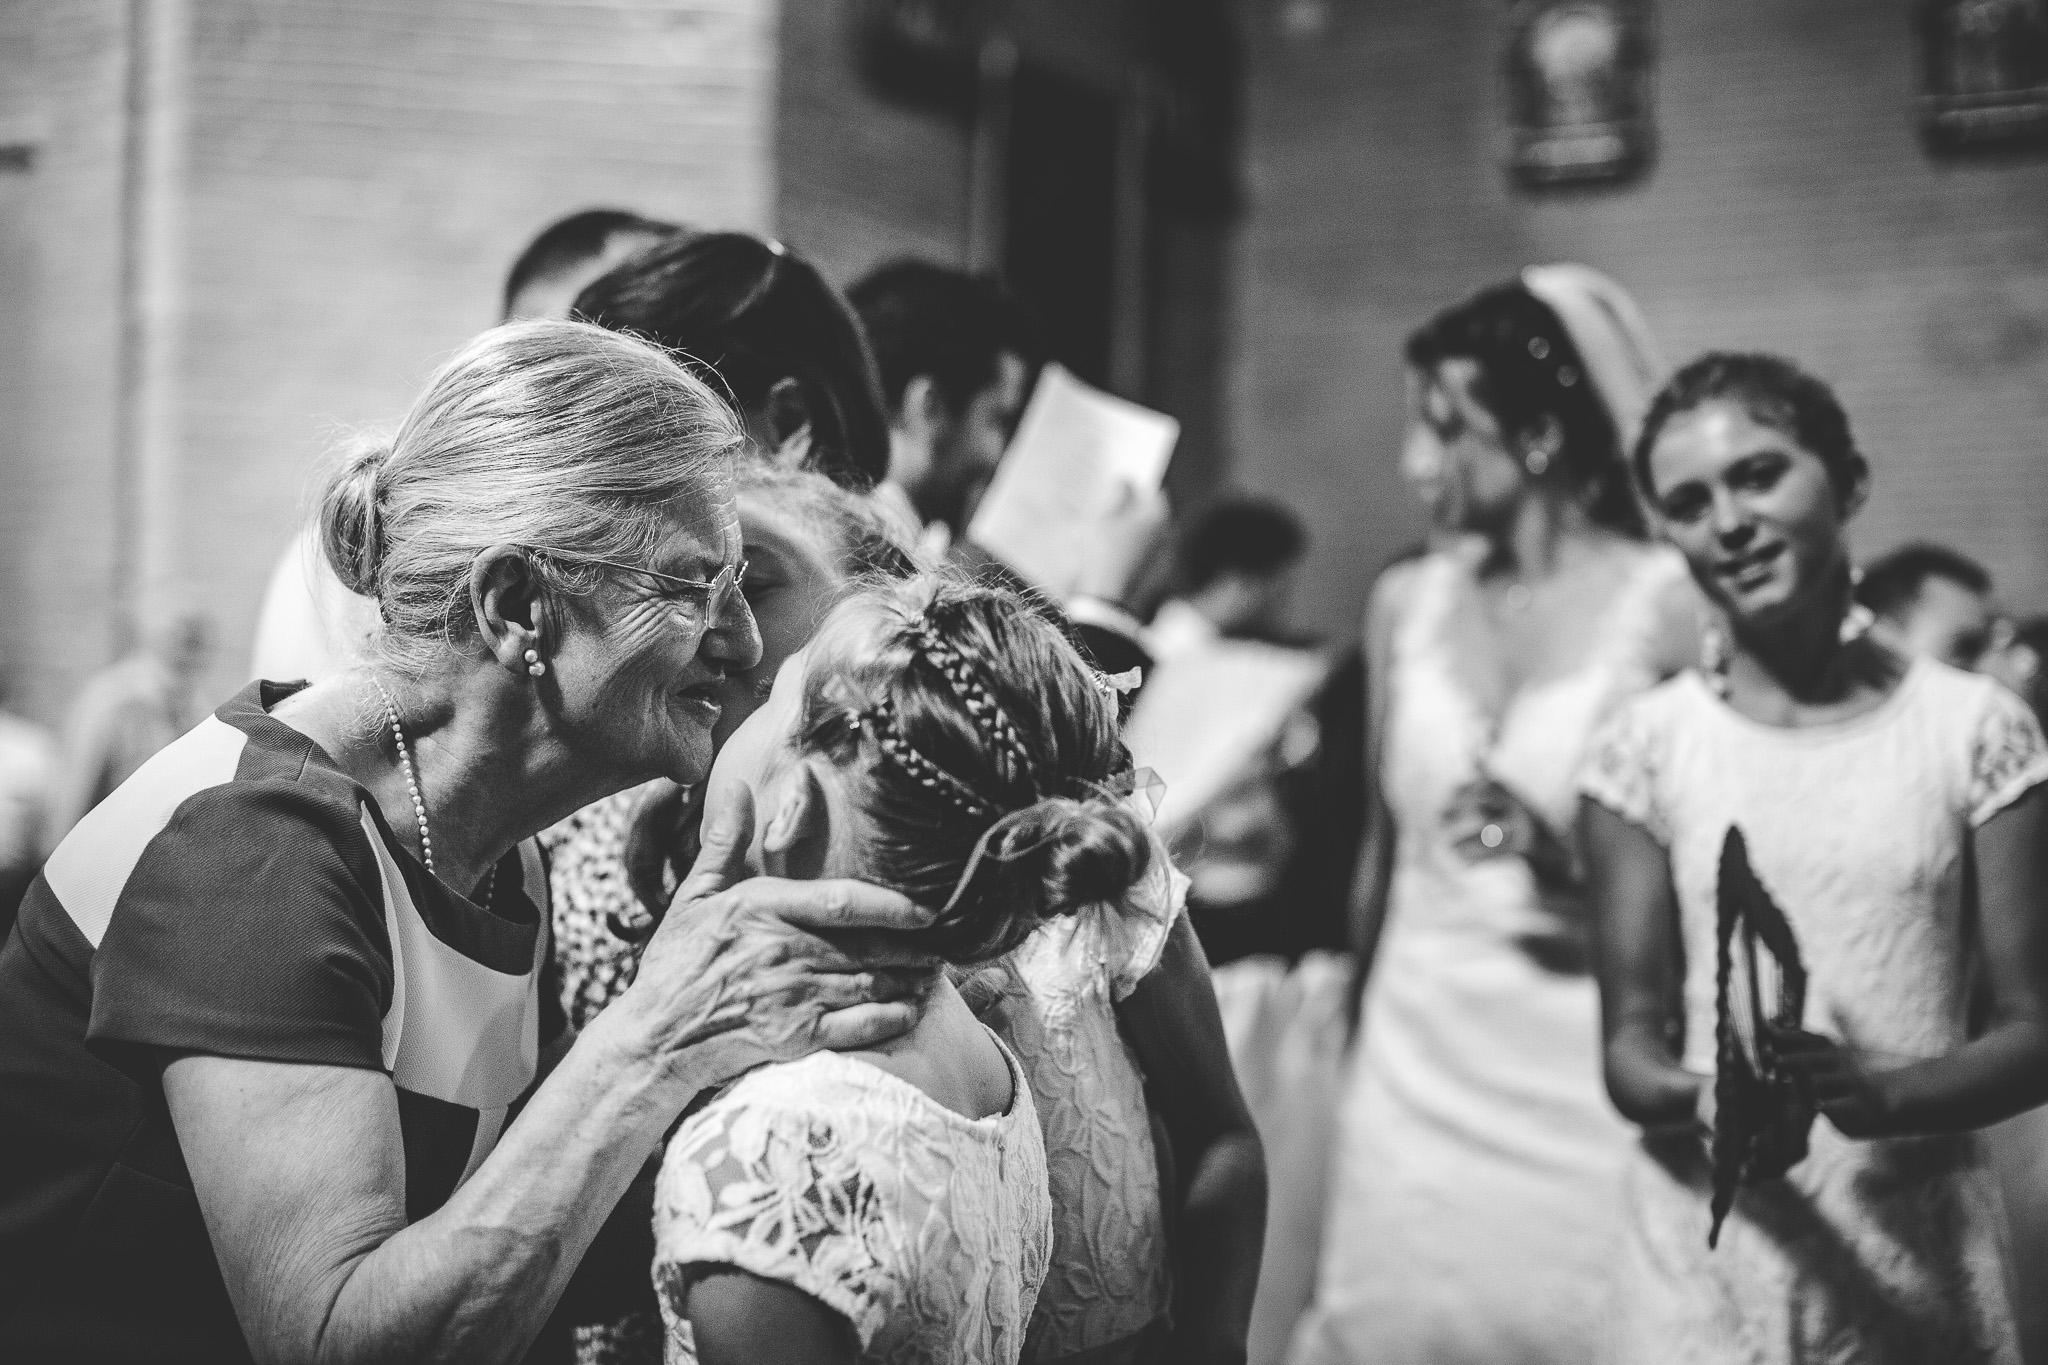 reportage mariage photo emotions instantane enfant grand parents calins bisous moment intime ceremonie religieuse eglise catholique paix du christ toulouse